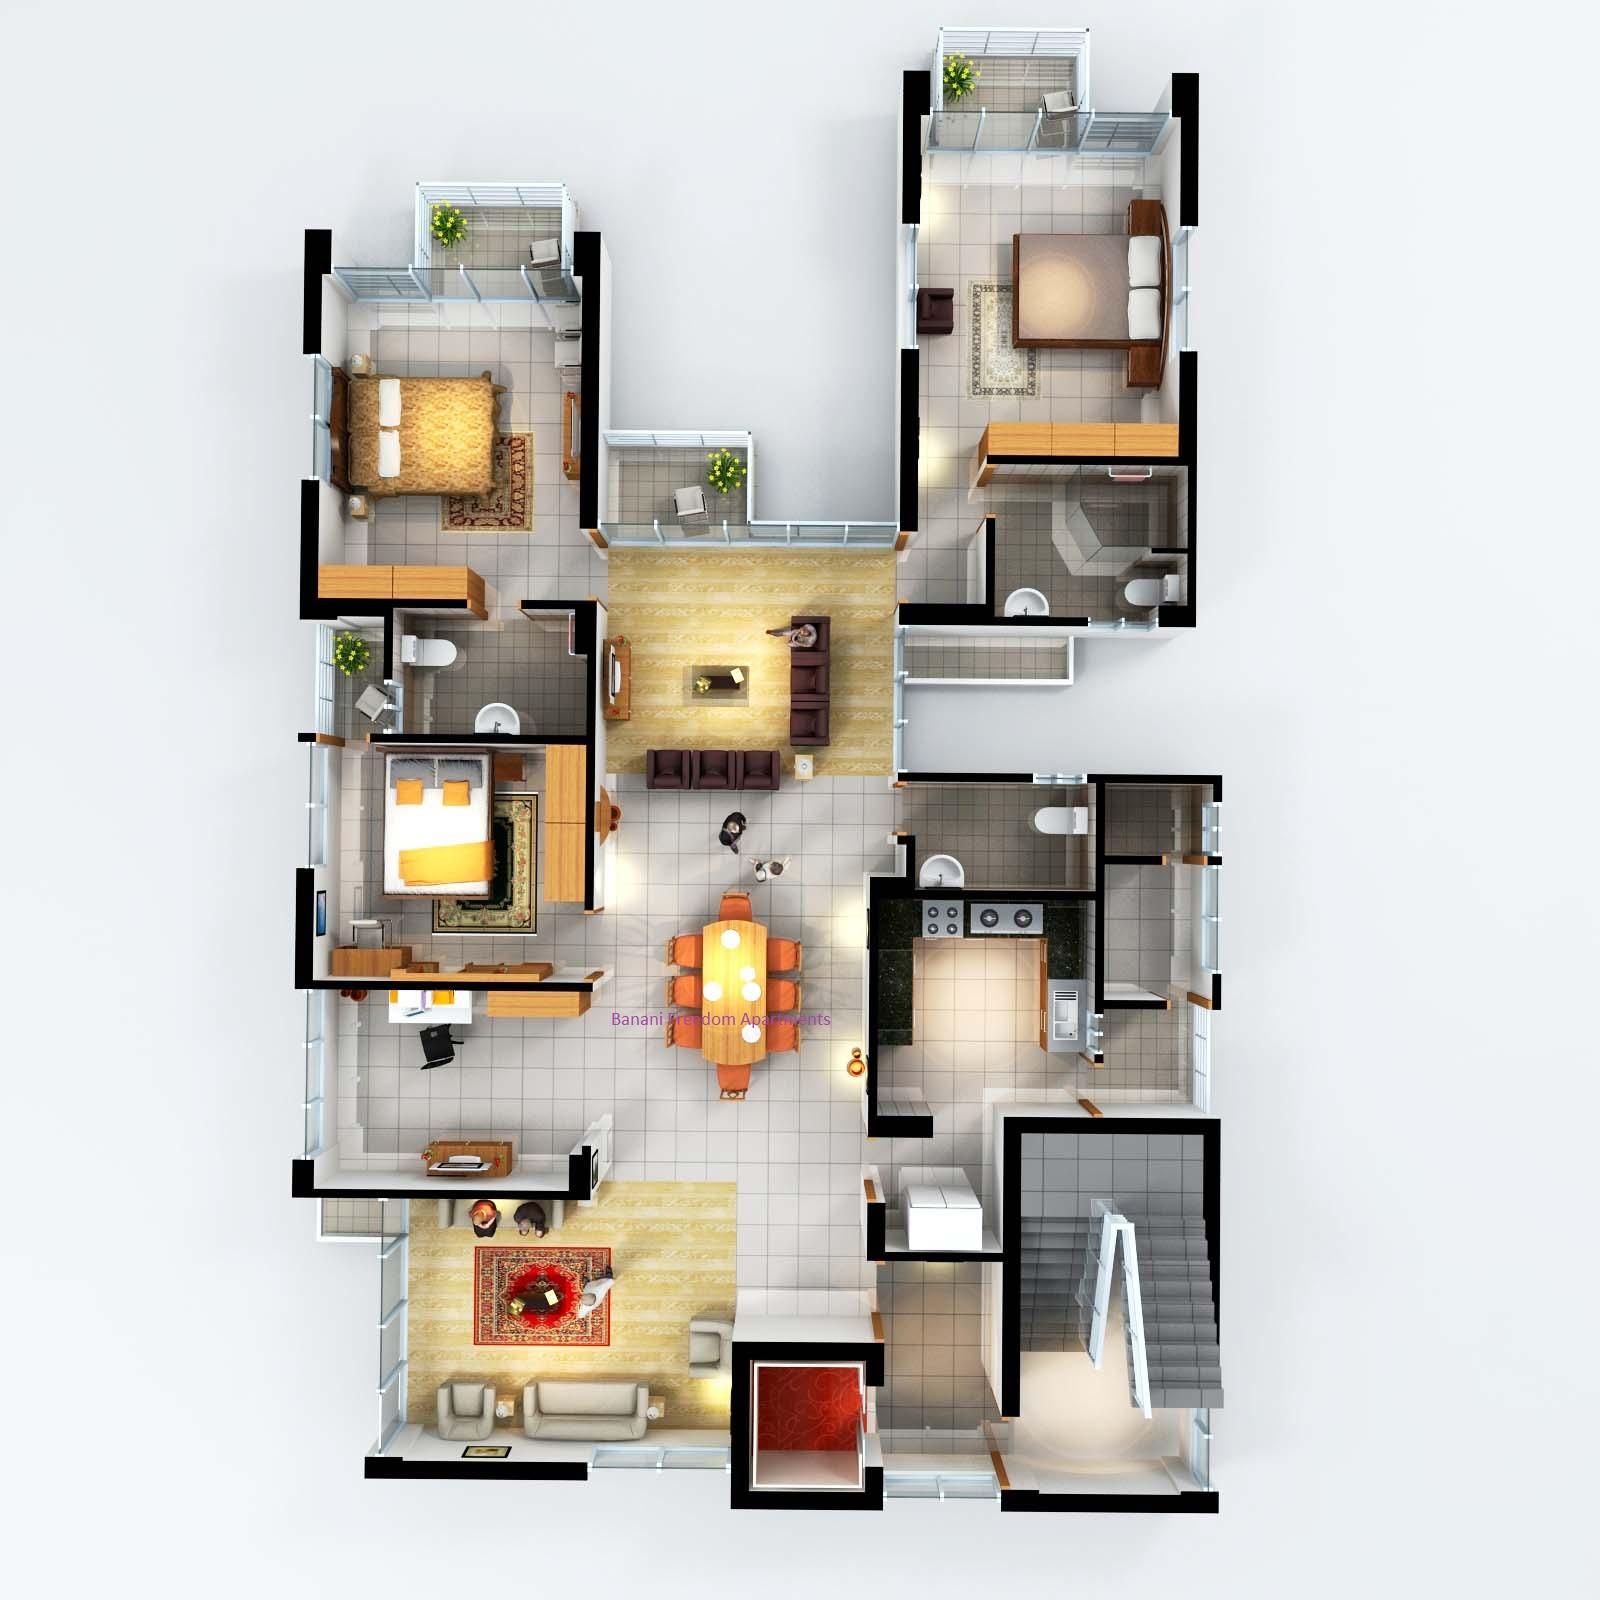 Banani Freedom Luxury Apartments